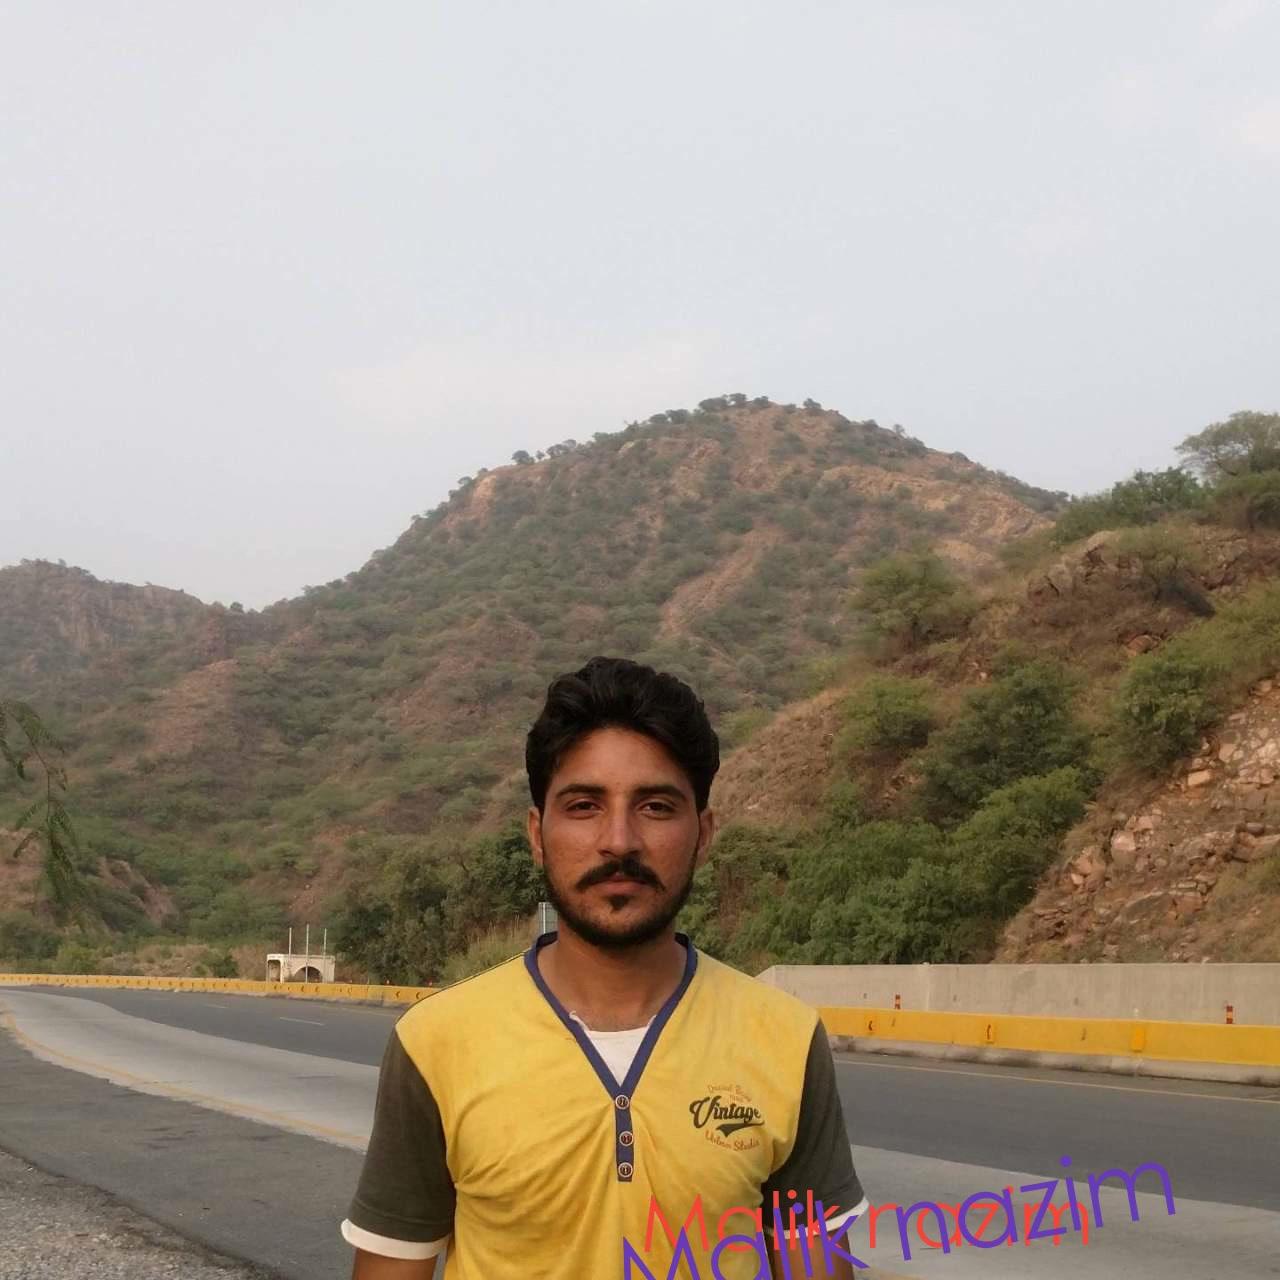 Malik nazim Malik nazim